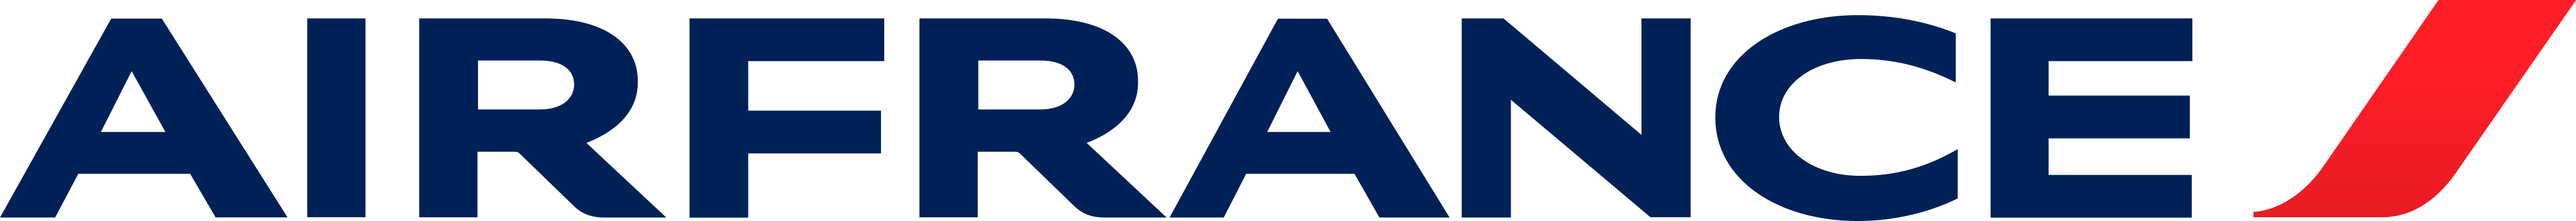 AirFrance logo png